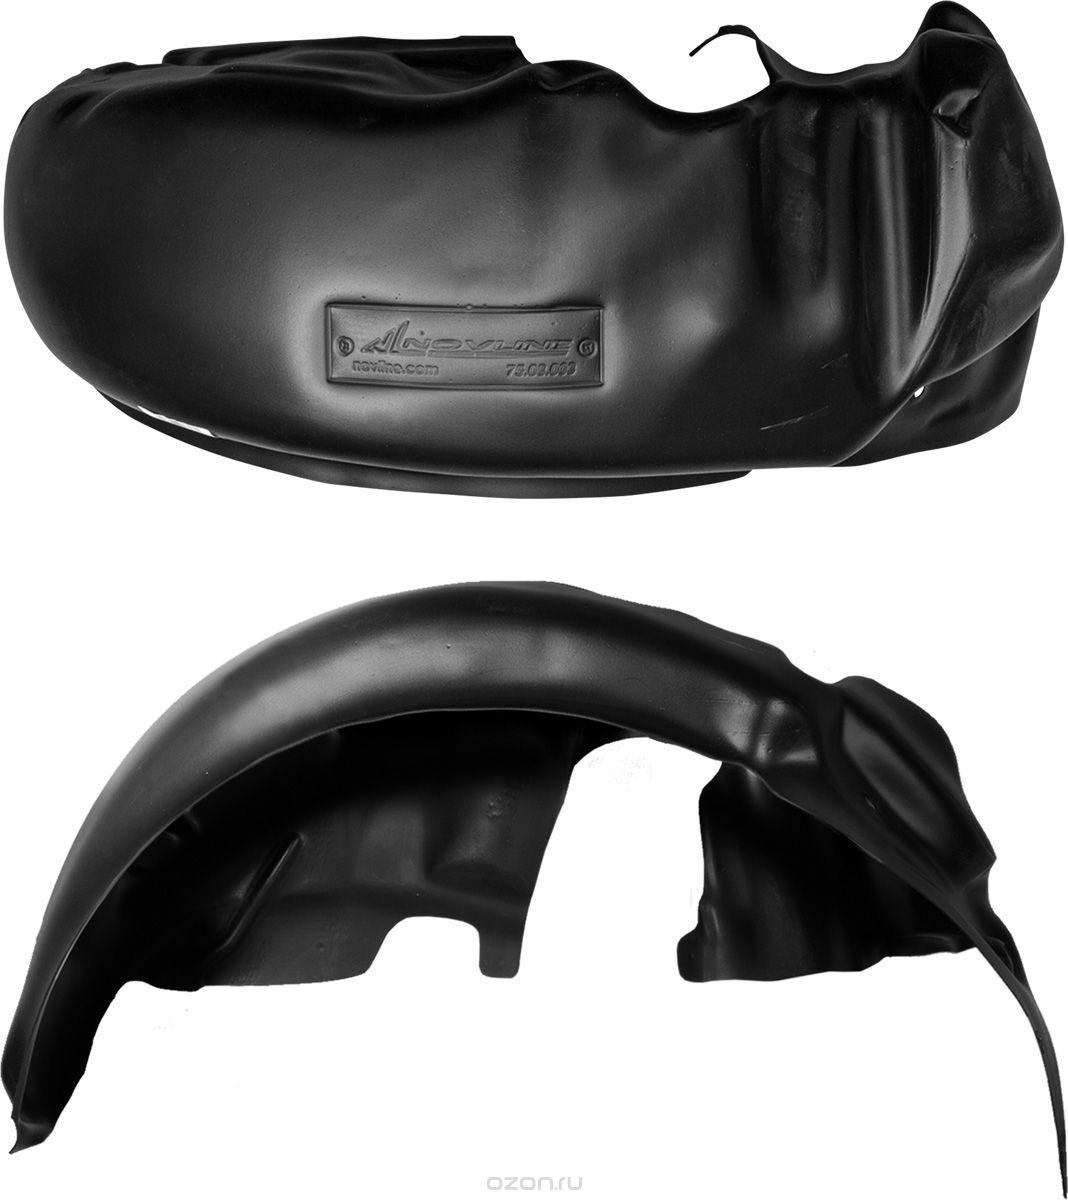 Подкрылок Novline-Autofamily, для MERCEDES-BENZ Sprinter Classic, 2013->, W905 двускатный, задний правыйNLL.34.01.004Идеальная защита колесной ниши. Локеры разработаны с применением цифровых технологий, гарантируют максимальную повторяемость поверхности арки. Изделия устанавливаются без нарушения лакокрасочного покрытия автомобиля, каждый подкрылок комплектуется крепежом. Уважаемые клиенты, обращаем ваше внимание, что фотографии на подкрылки универсальные и не отражают реальную форму изделия. При этом само изделие идет точно под размер указанного автомобиля.